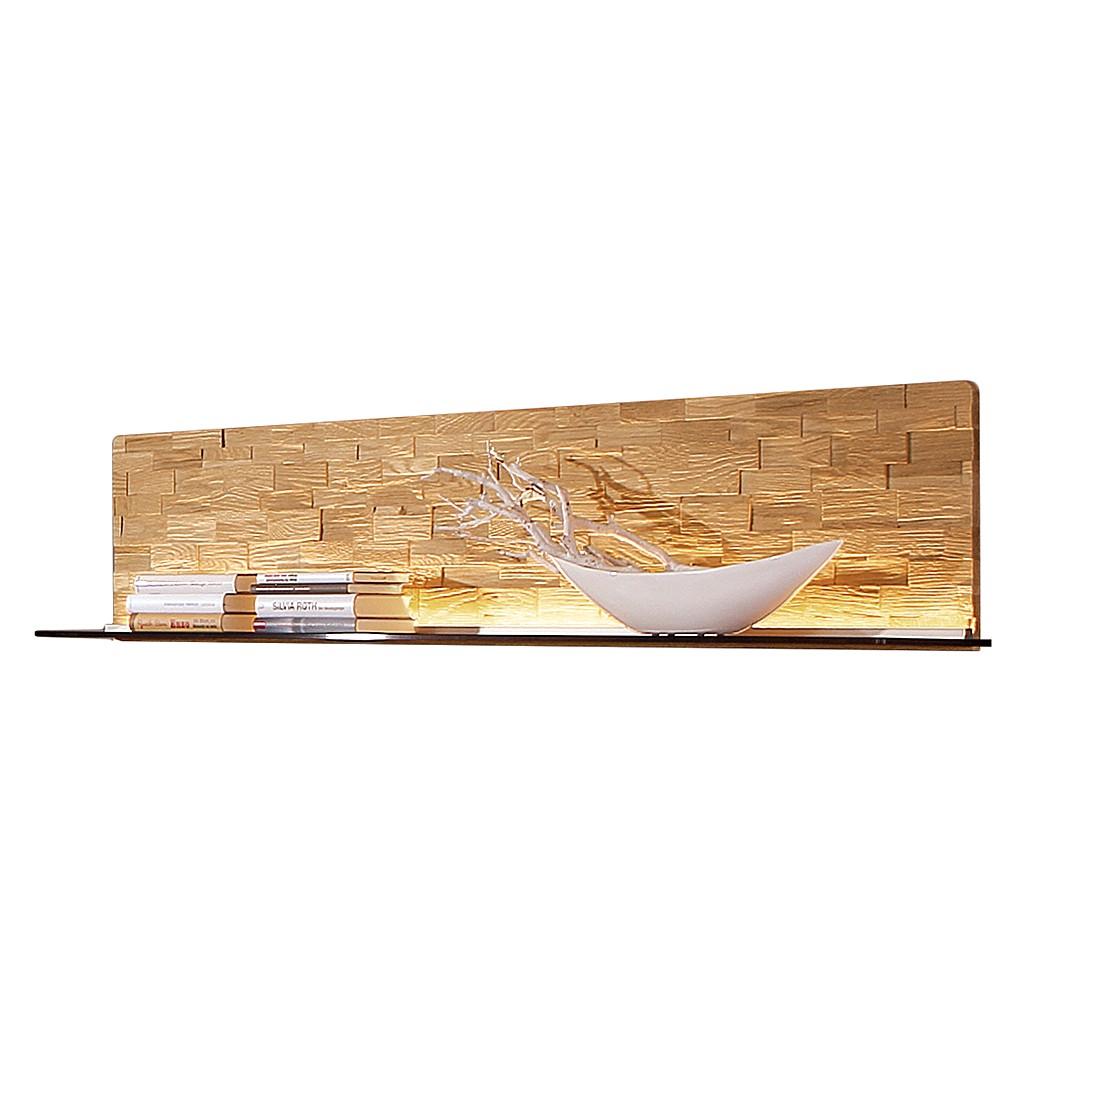 Wandboard Viva – Wildeiche massiv – Mit Beleuchtung – 168 cm, Hartmann günstig bestellen